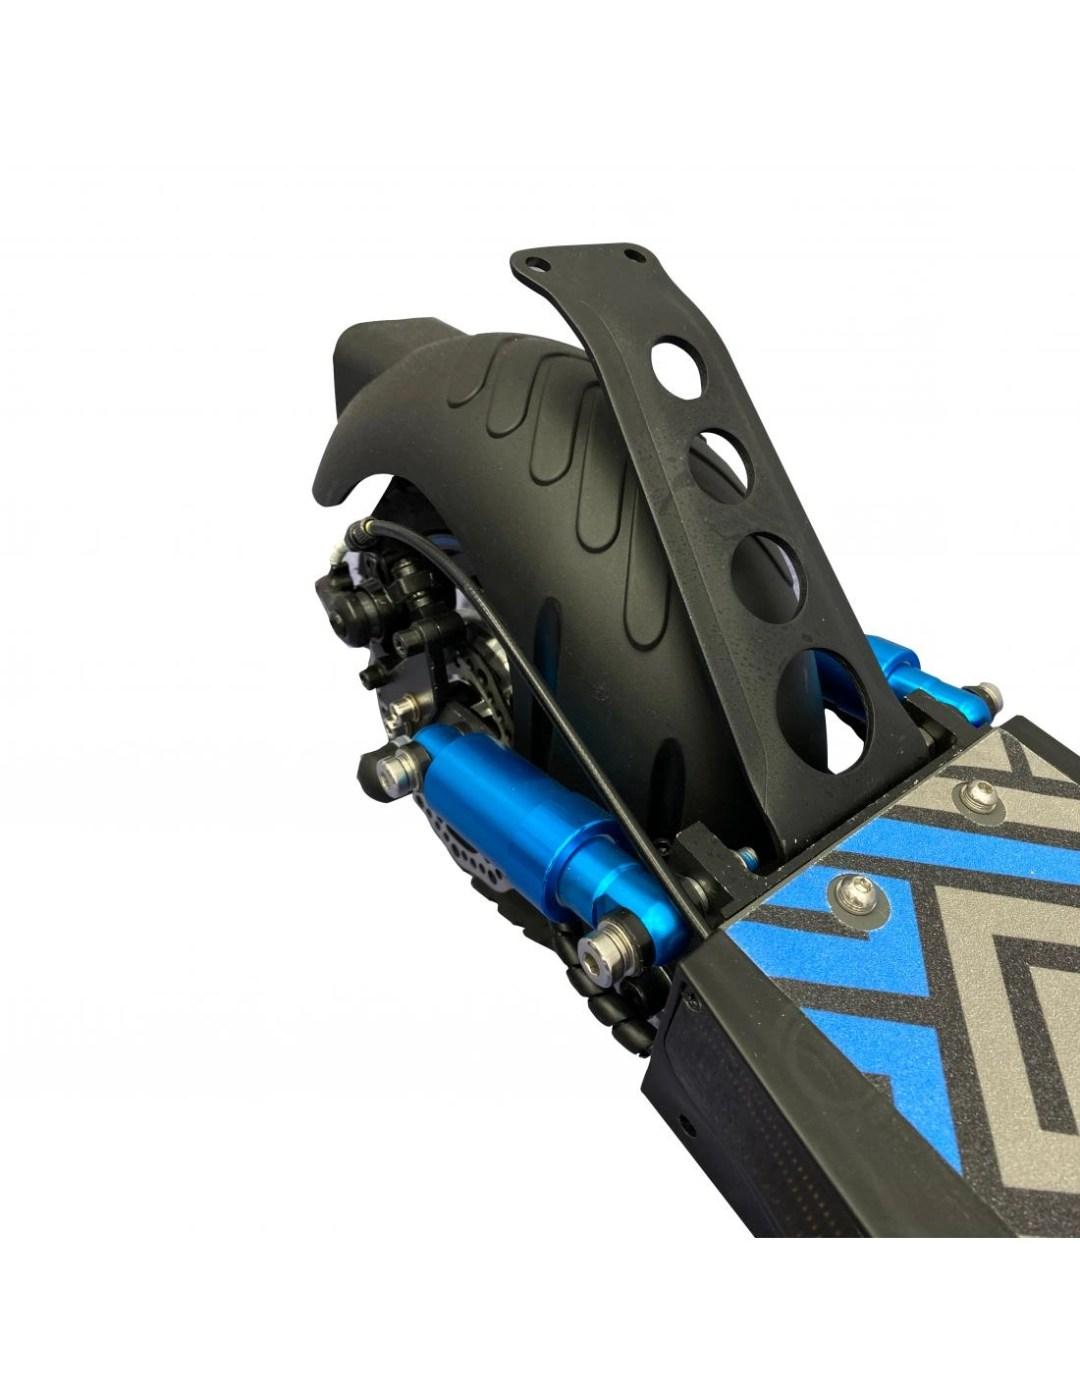 patinete electrico Smartgyro Crossover freno trasero